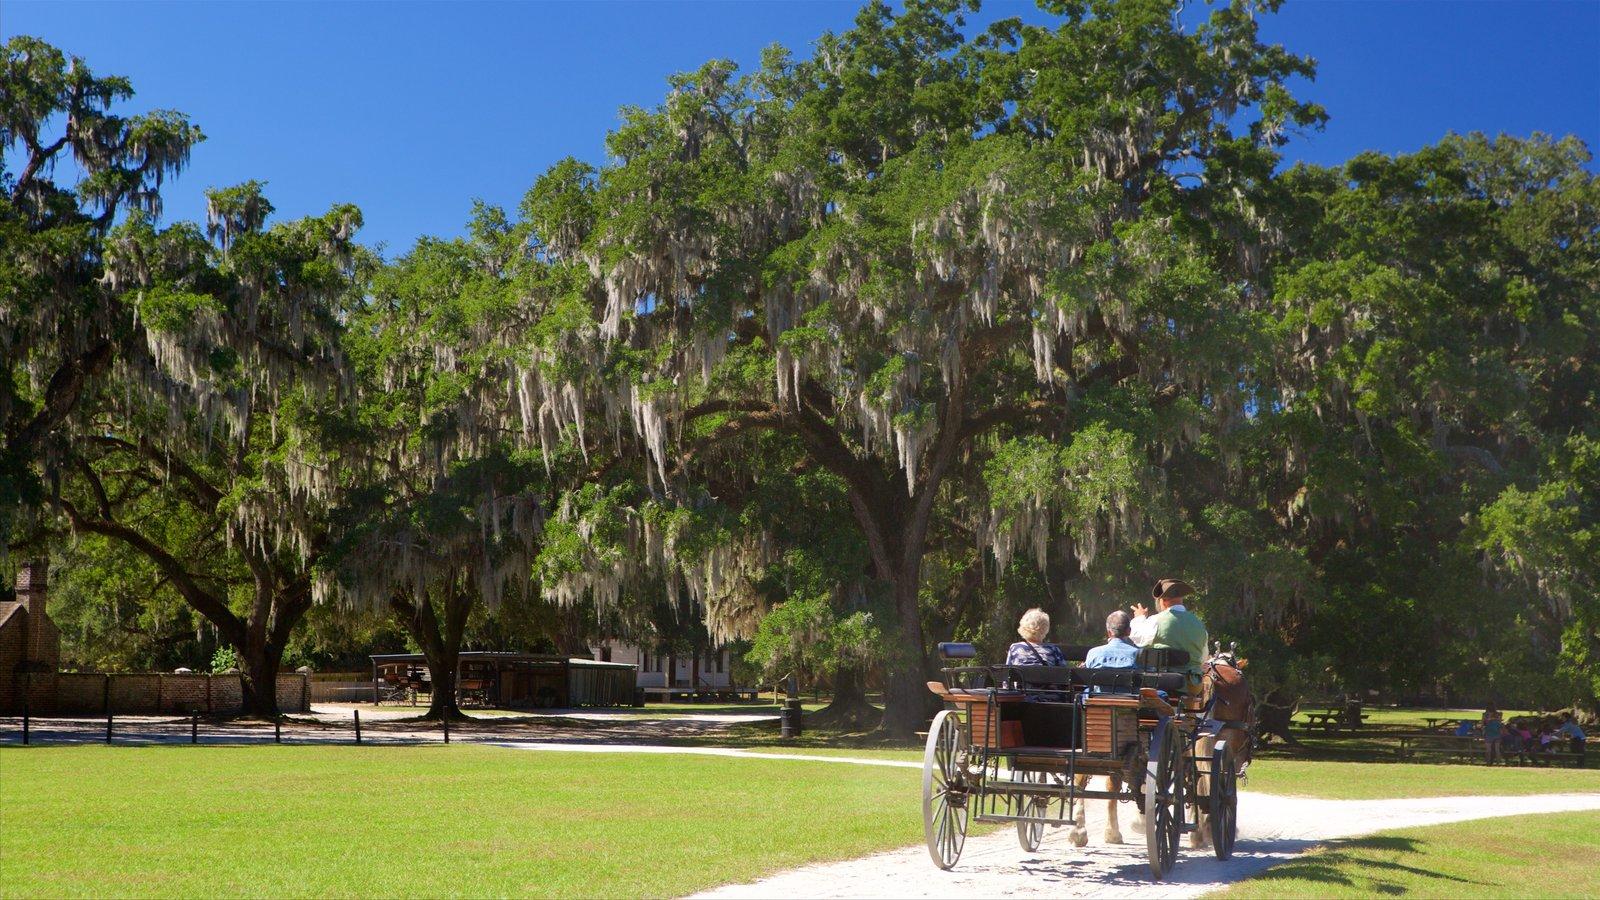 Middleton Place que inclui cavalgada e um parque assim como um casal